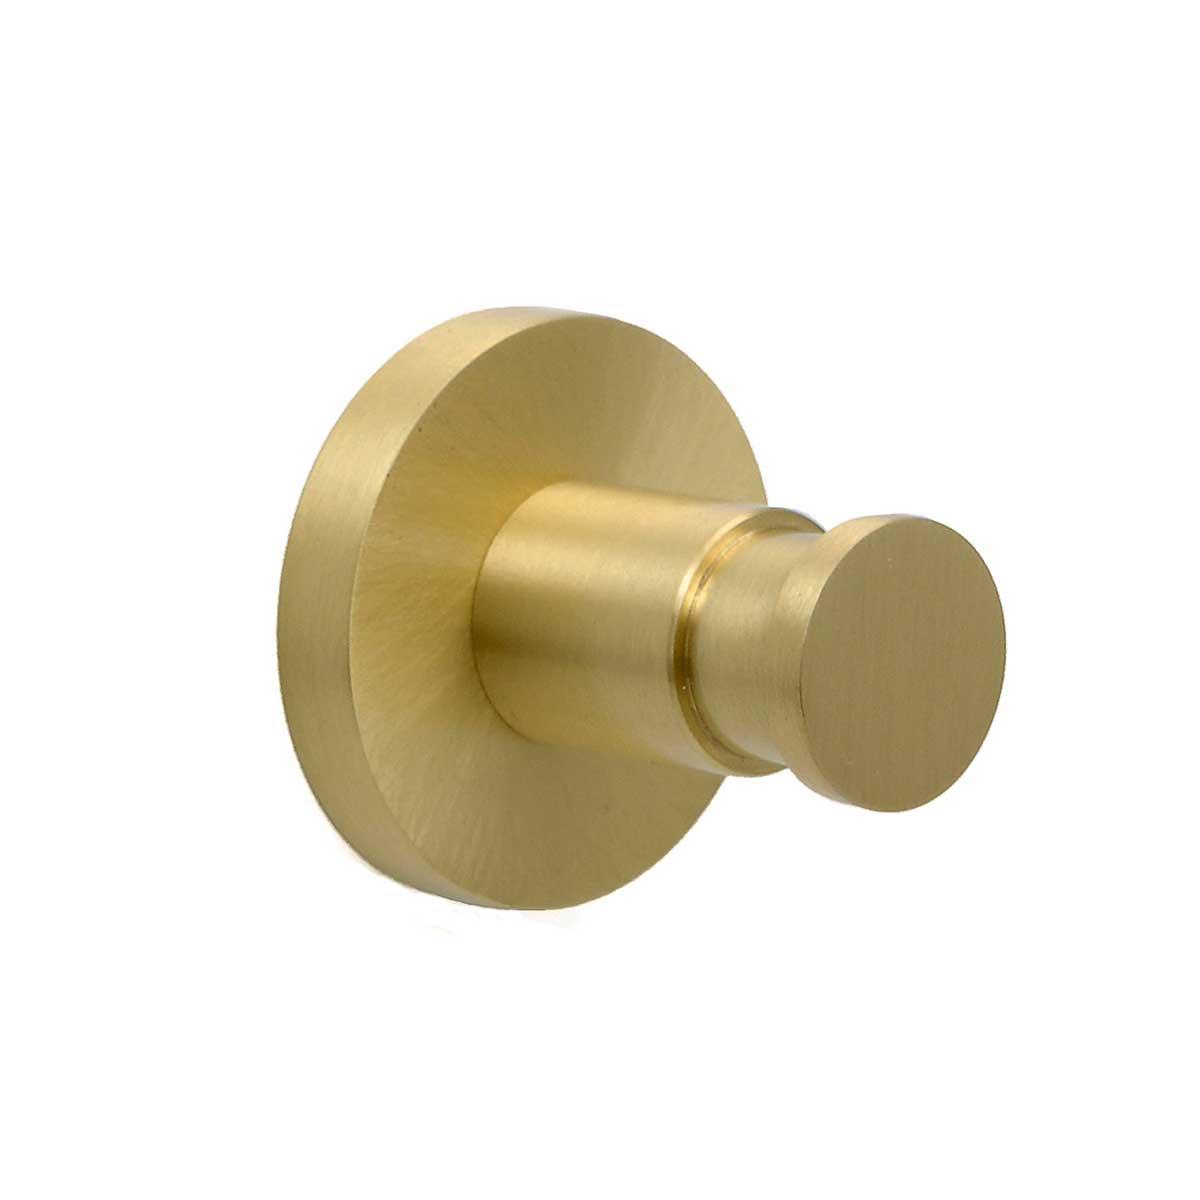 Κρεμαστράκι Τοίχου PamCo 12-023 Brushed Brass